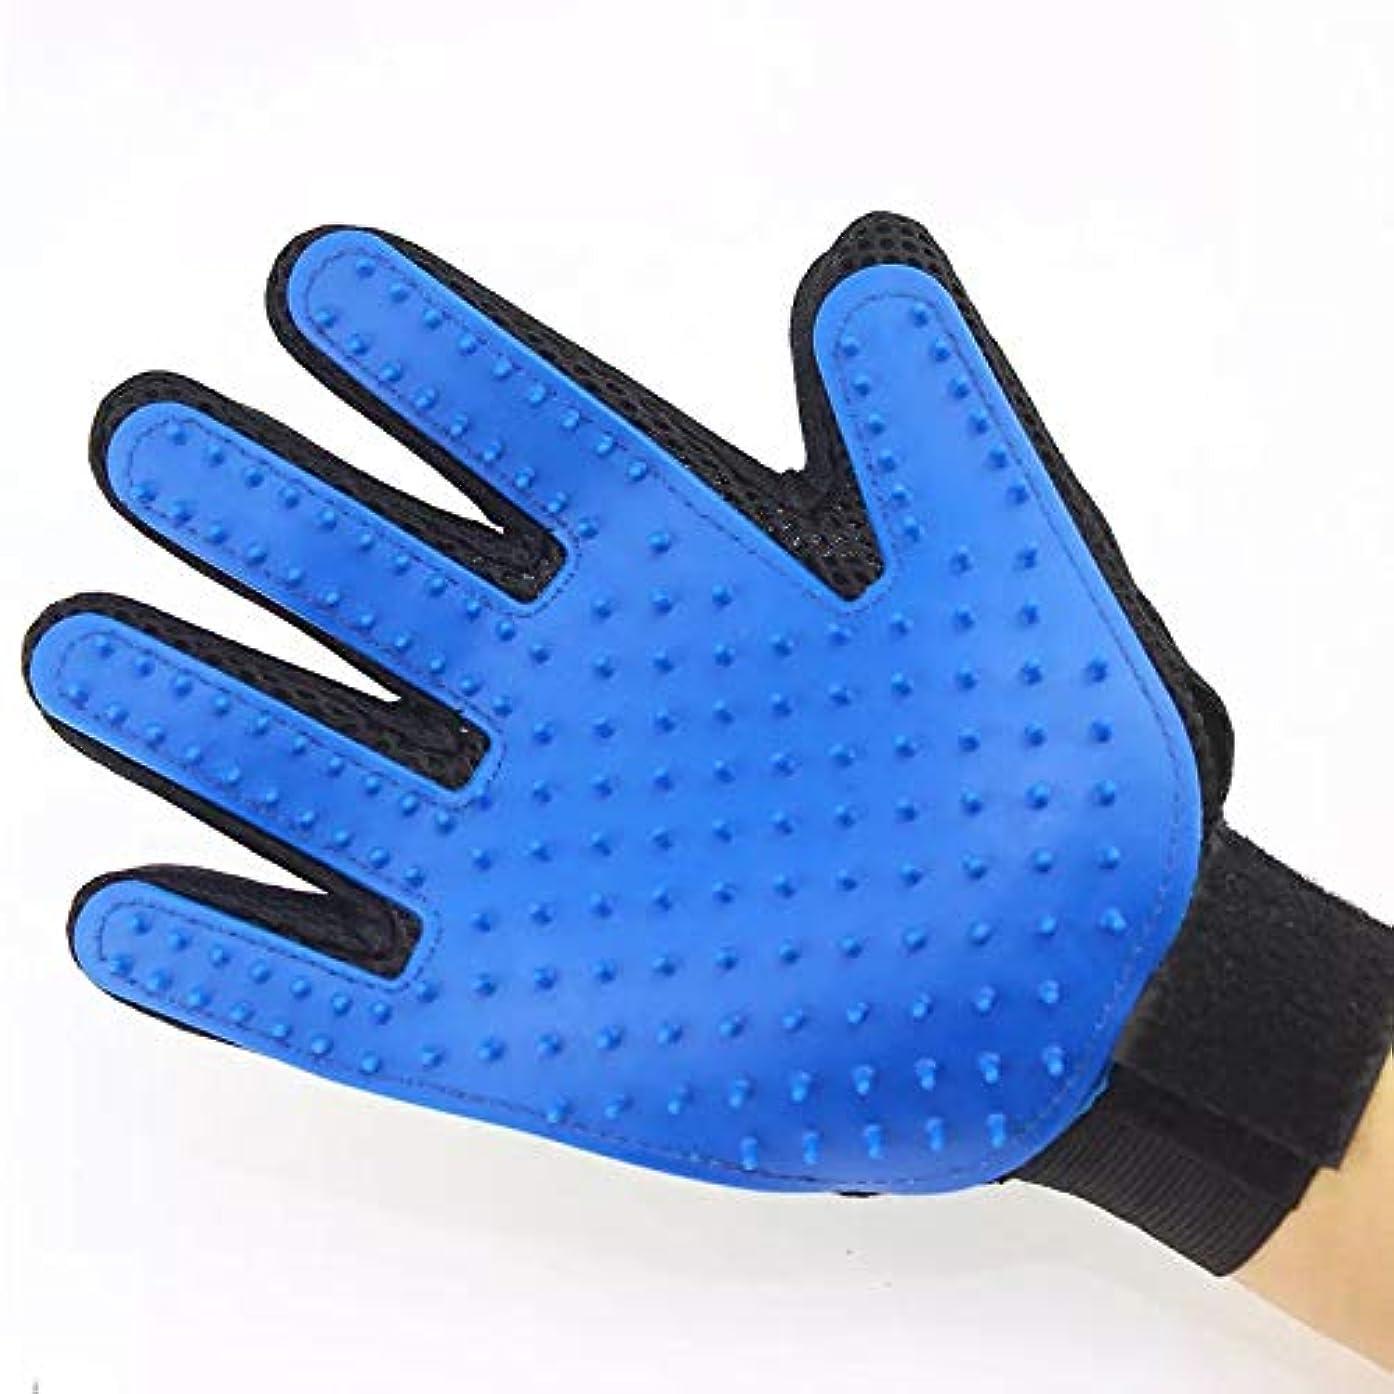 簿記係章滴下BTXXYJP ペット ブラシ 手袋 猫 犬 ブラシ グローブ クリーナー 耐摩耗 抜け毛取り マッサージブラシ グローブ (Color : Red, Style : Right hand)